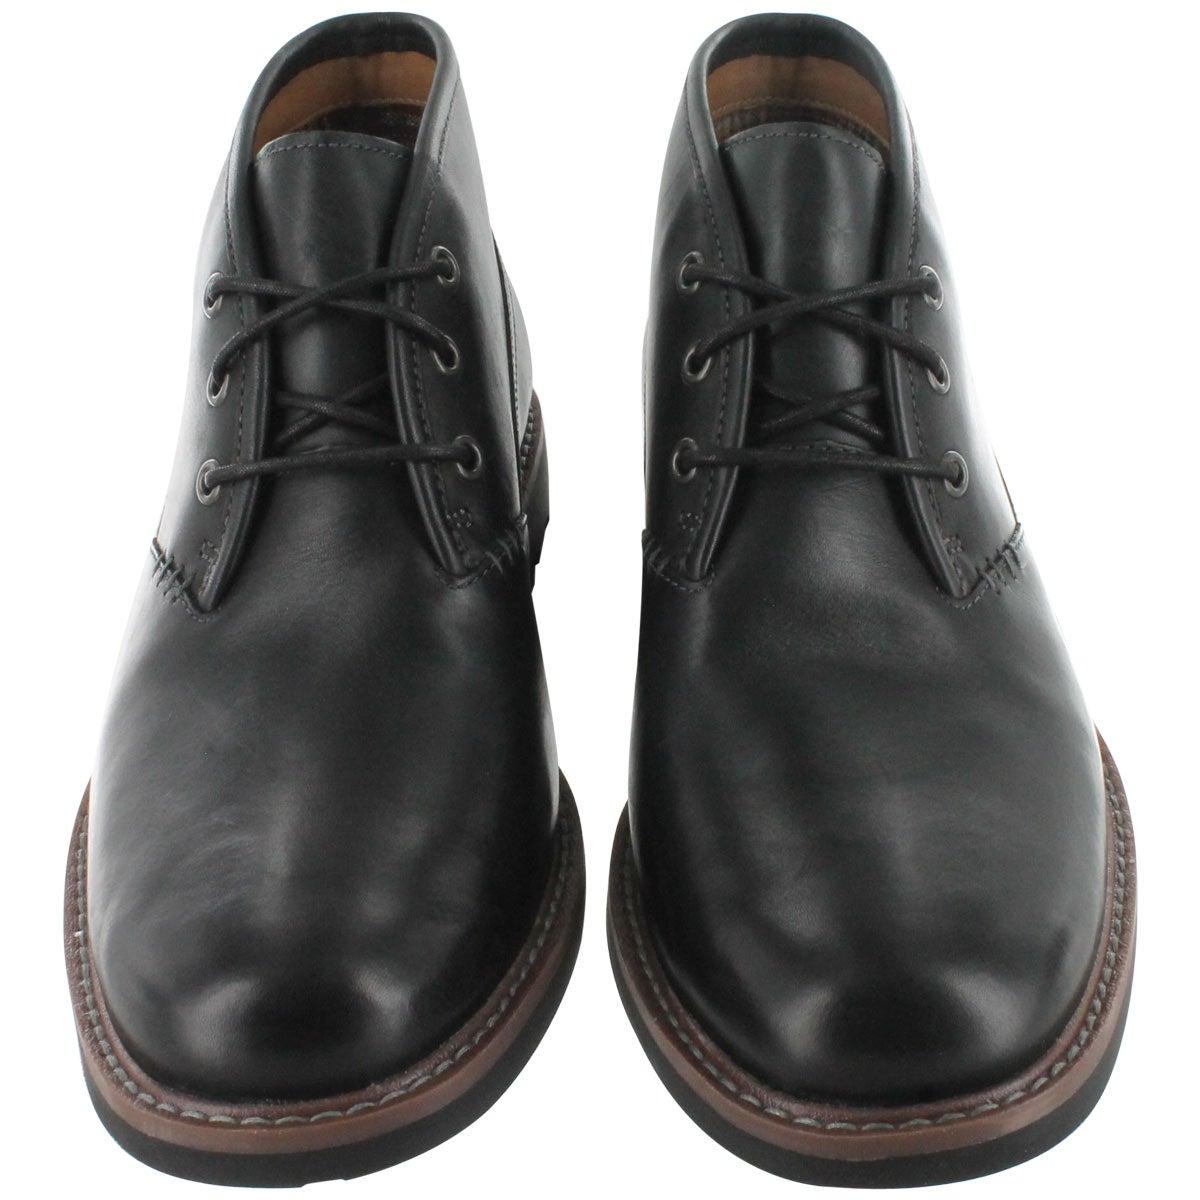 Clarks Men's MONTACUTE DUKE black casual boots 03251M